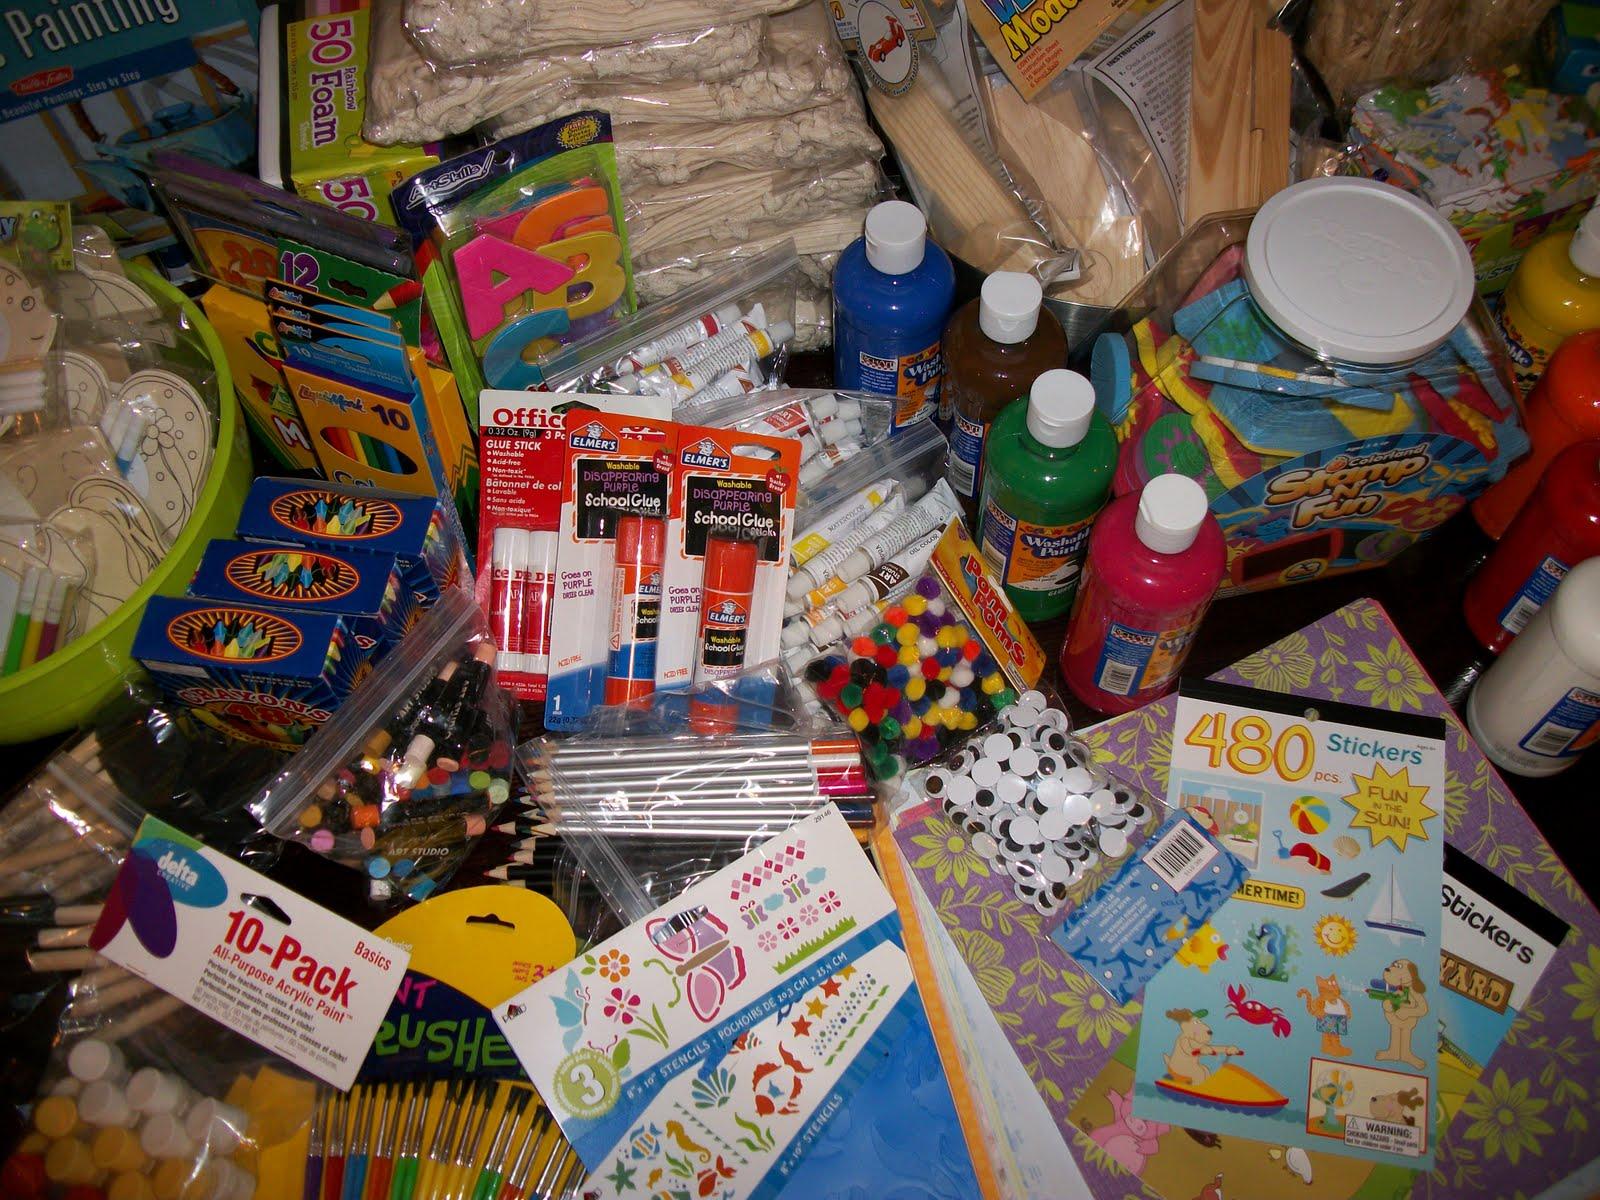 http://4.bp.blogspot.com/_pwb5wFhUZDk/TGrLf0BEdoI/AAAAAAAAAlU/-F_rY3aPL8s/s1600/Art+Supplies+016.JPG